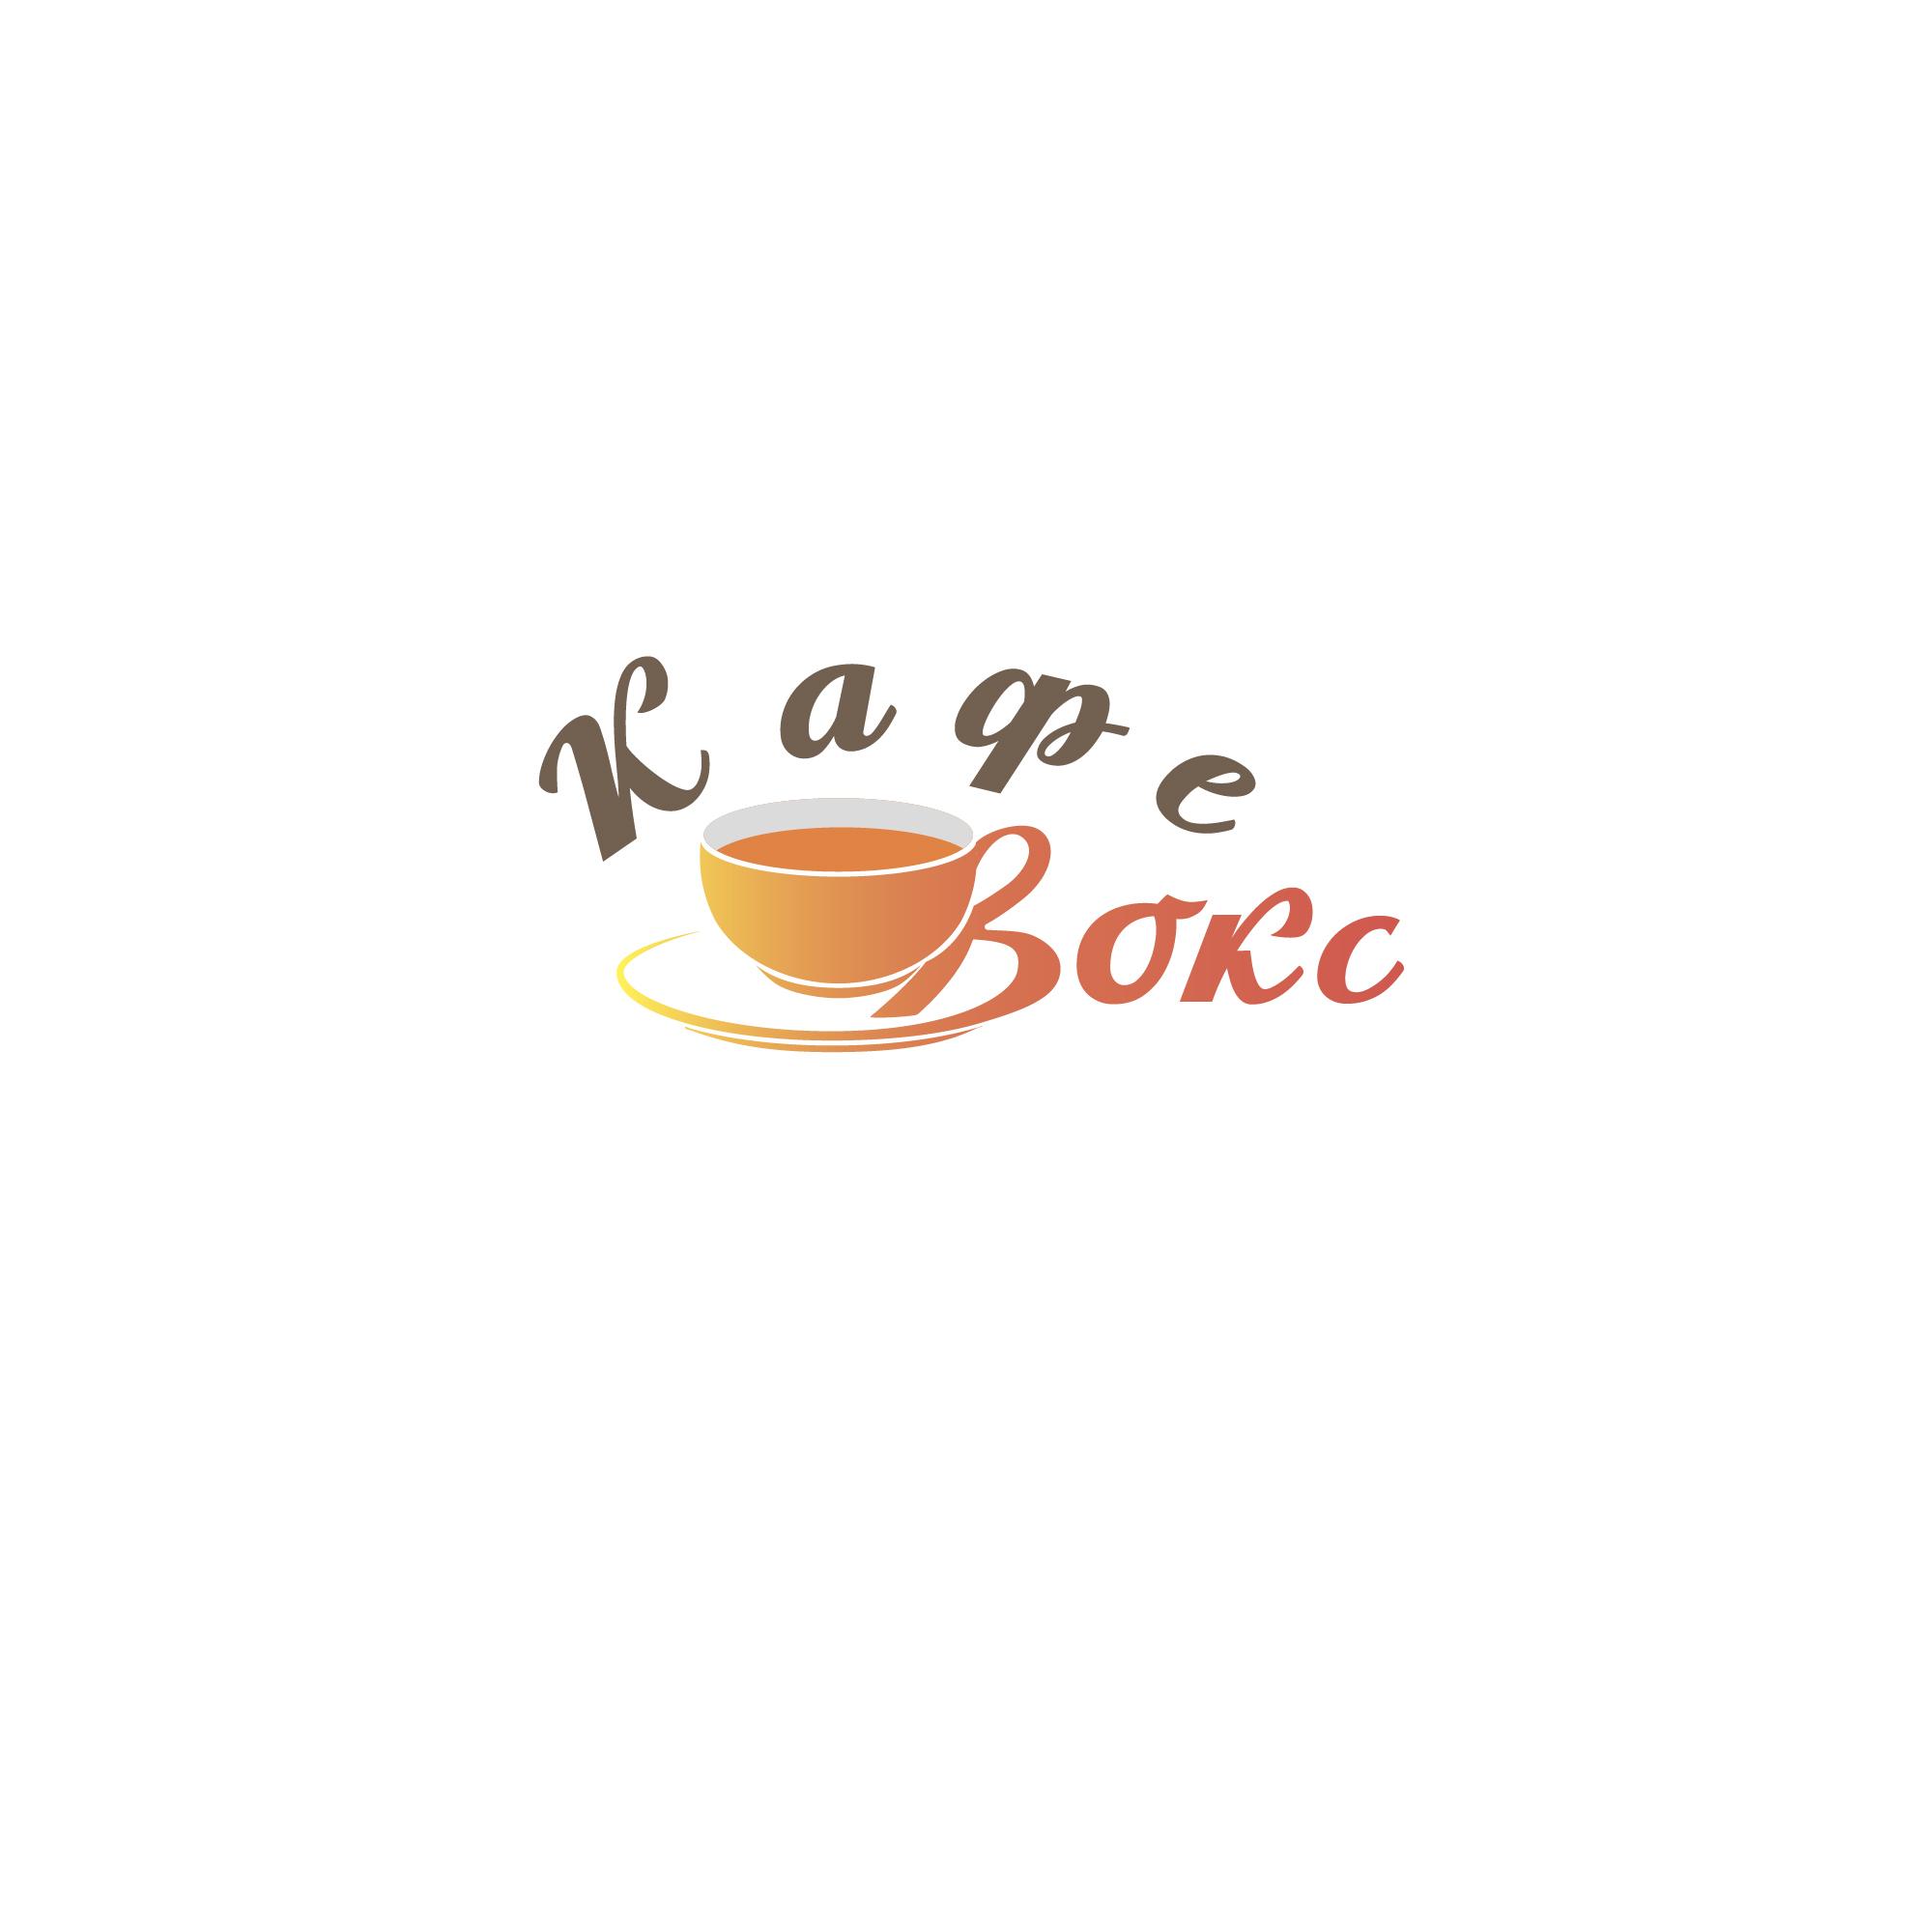 Требуется очень срочно разработать логотип кофейни! фото f_8405a0d4d2ab2e44.jpg